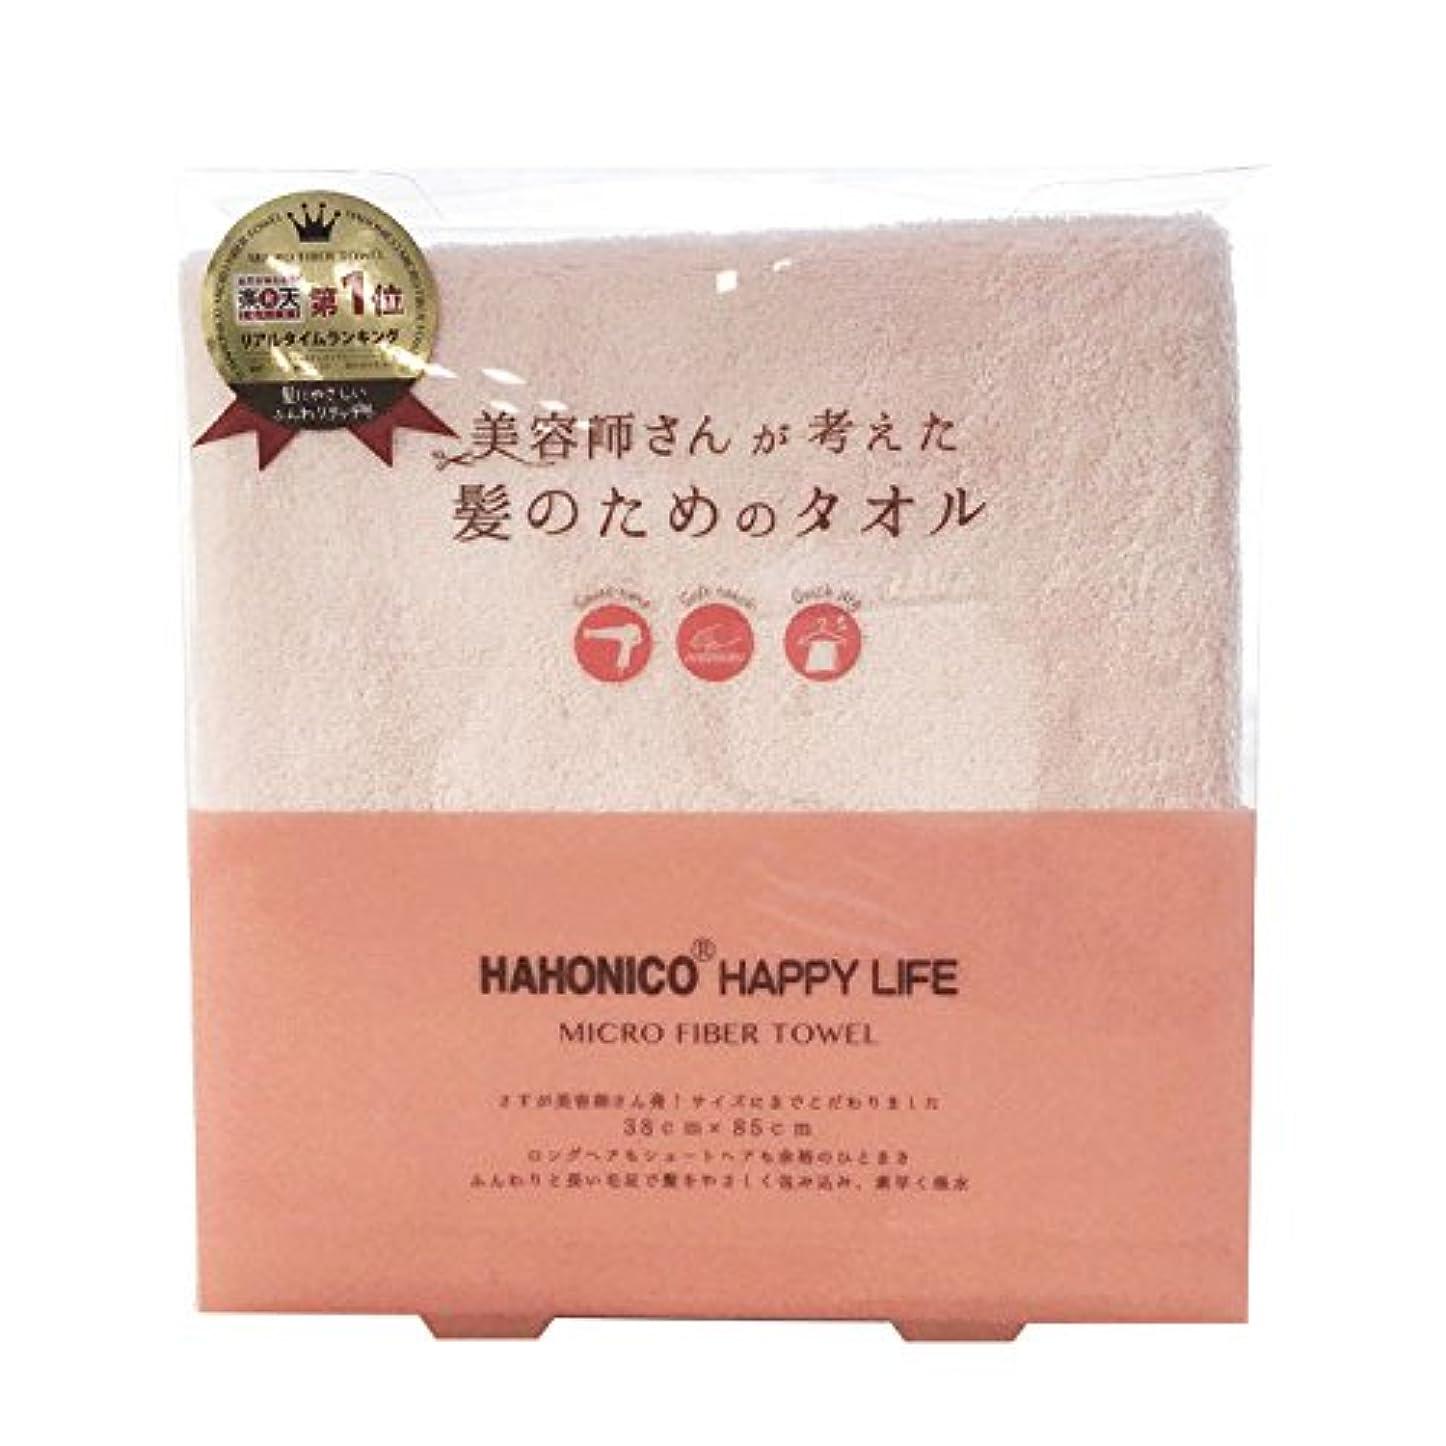 肺炎トンおもしろいハホニコ ヘアドライマイクロファイバータオル ピンク